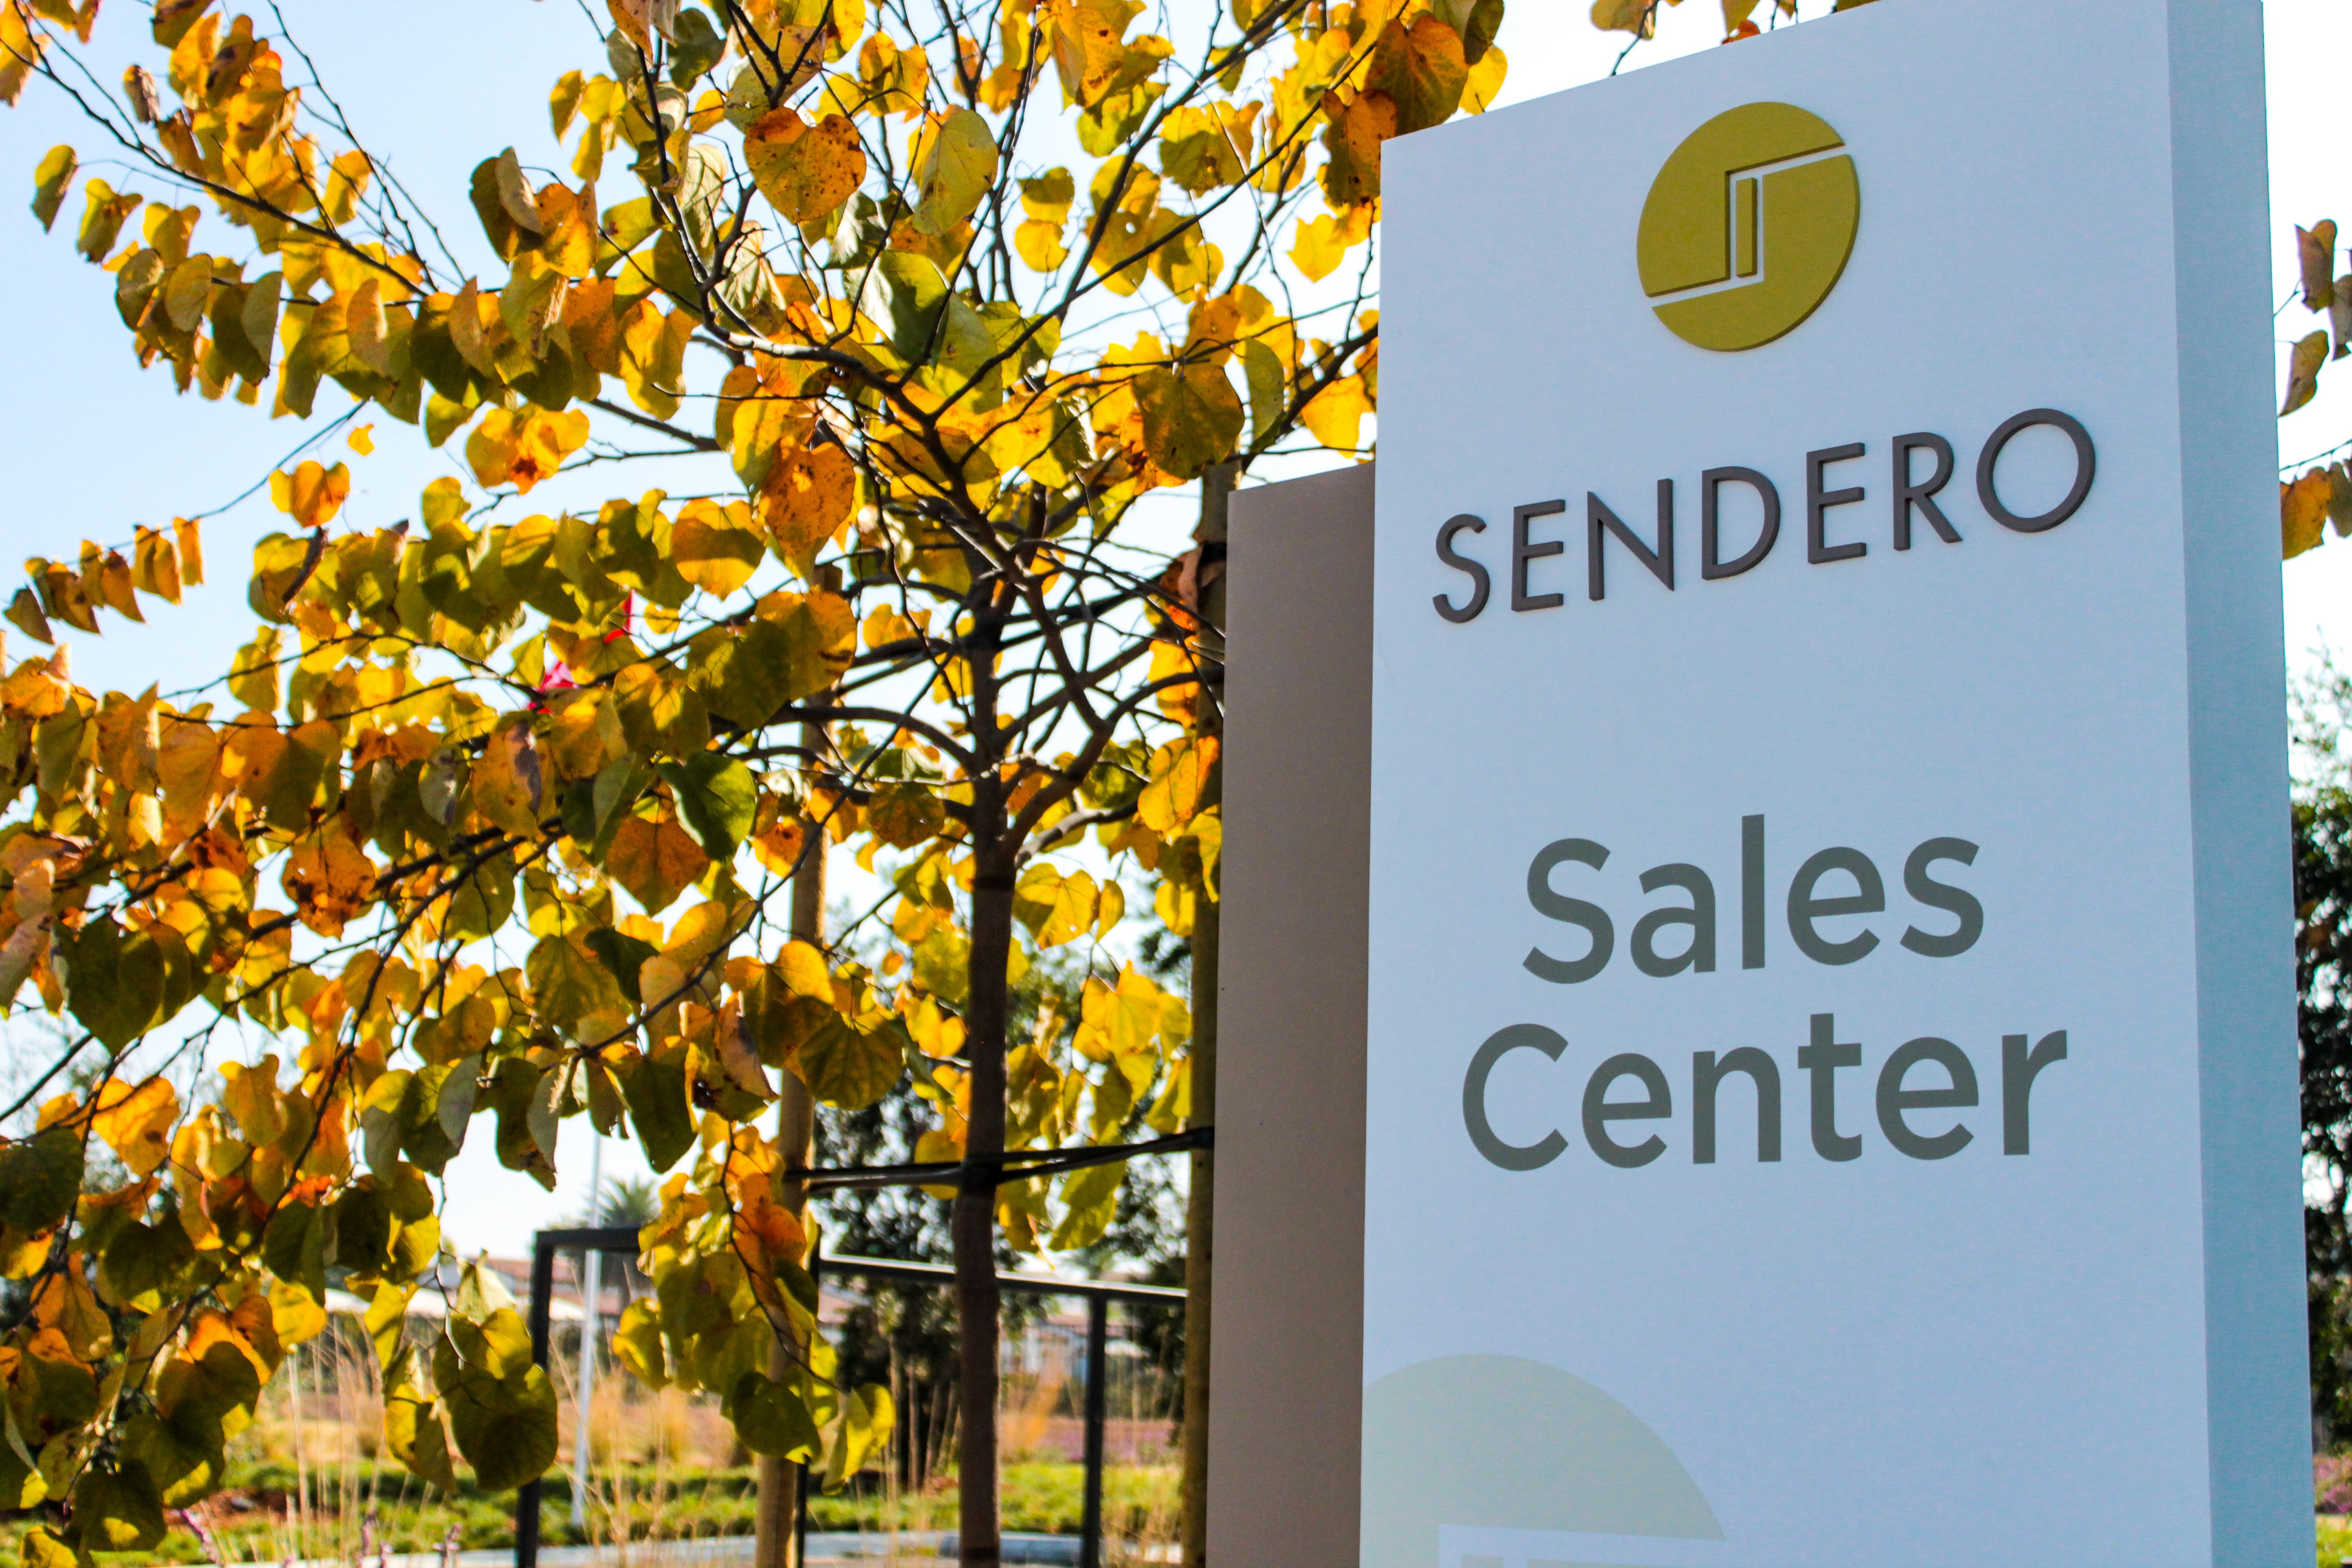 300-sendro-salescenter